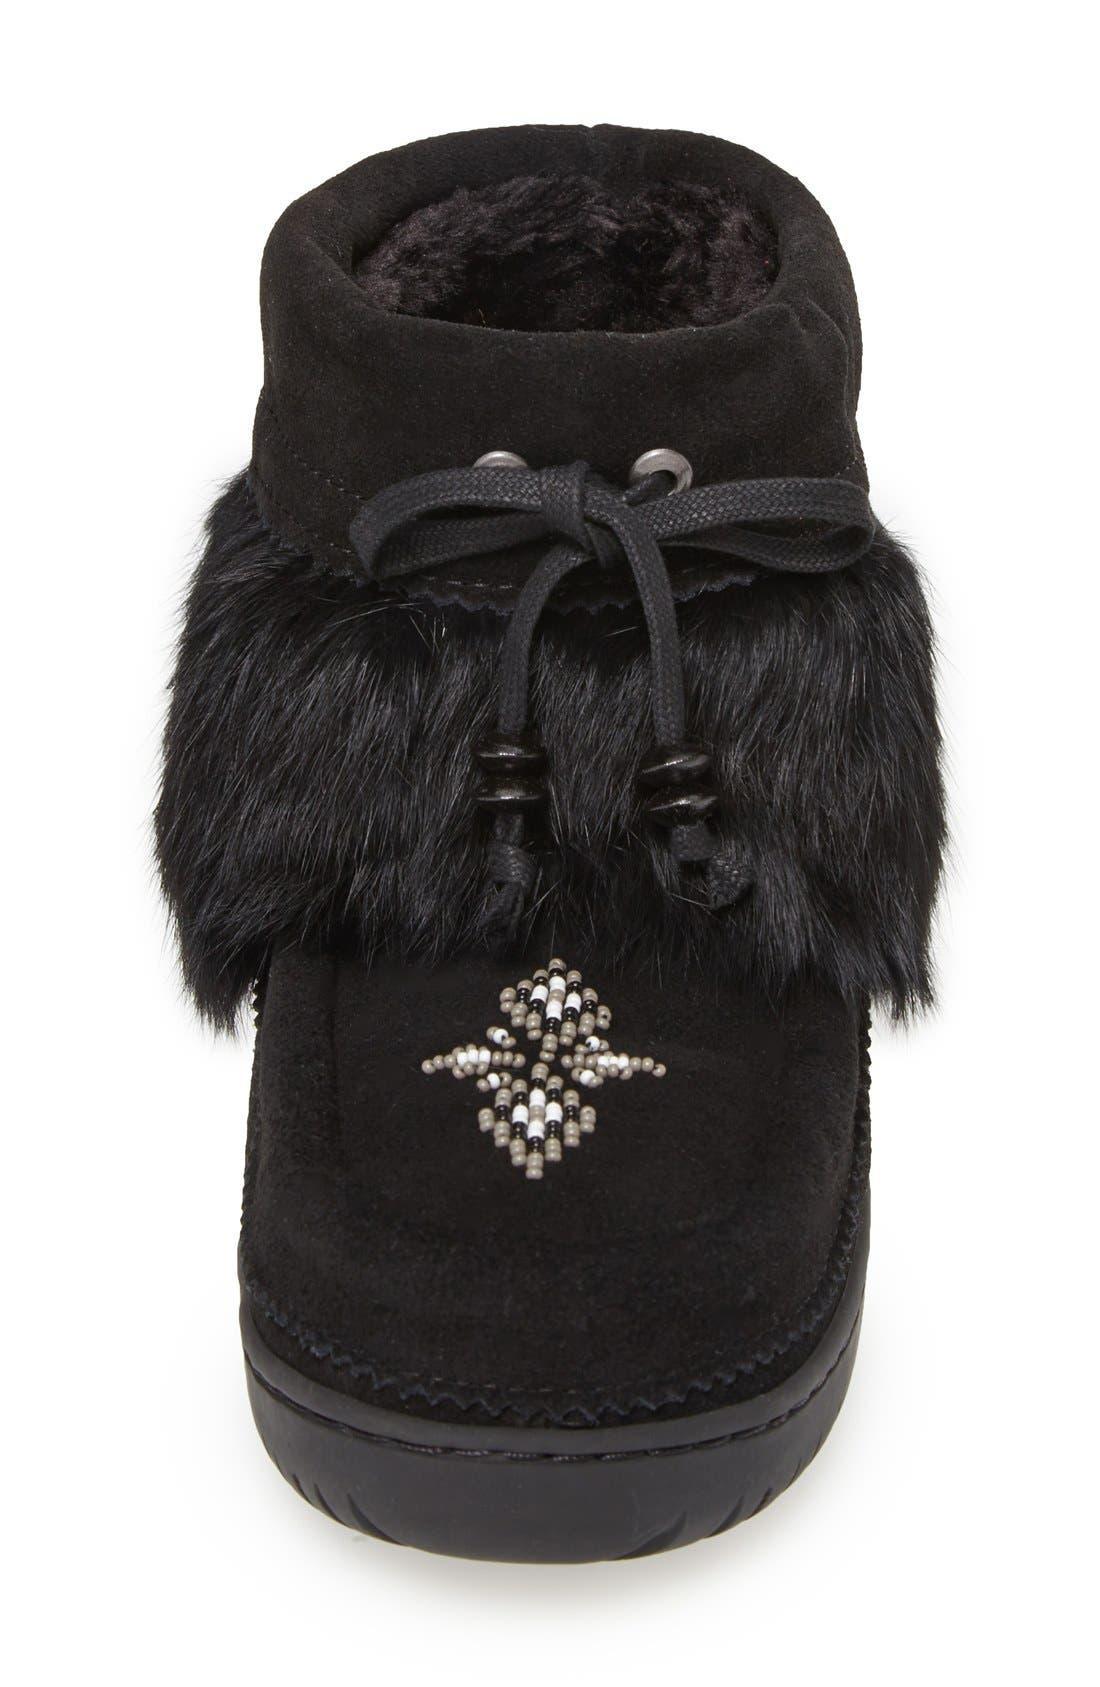 Alternate Image 3  - Manitobah Mukluks 'Keewatin Mukluk' with Genuine Rabbit Fur Collar Bootie (Women)